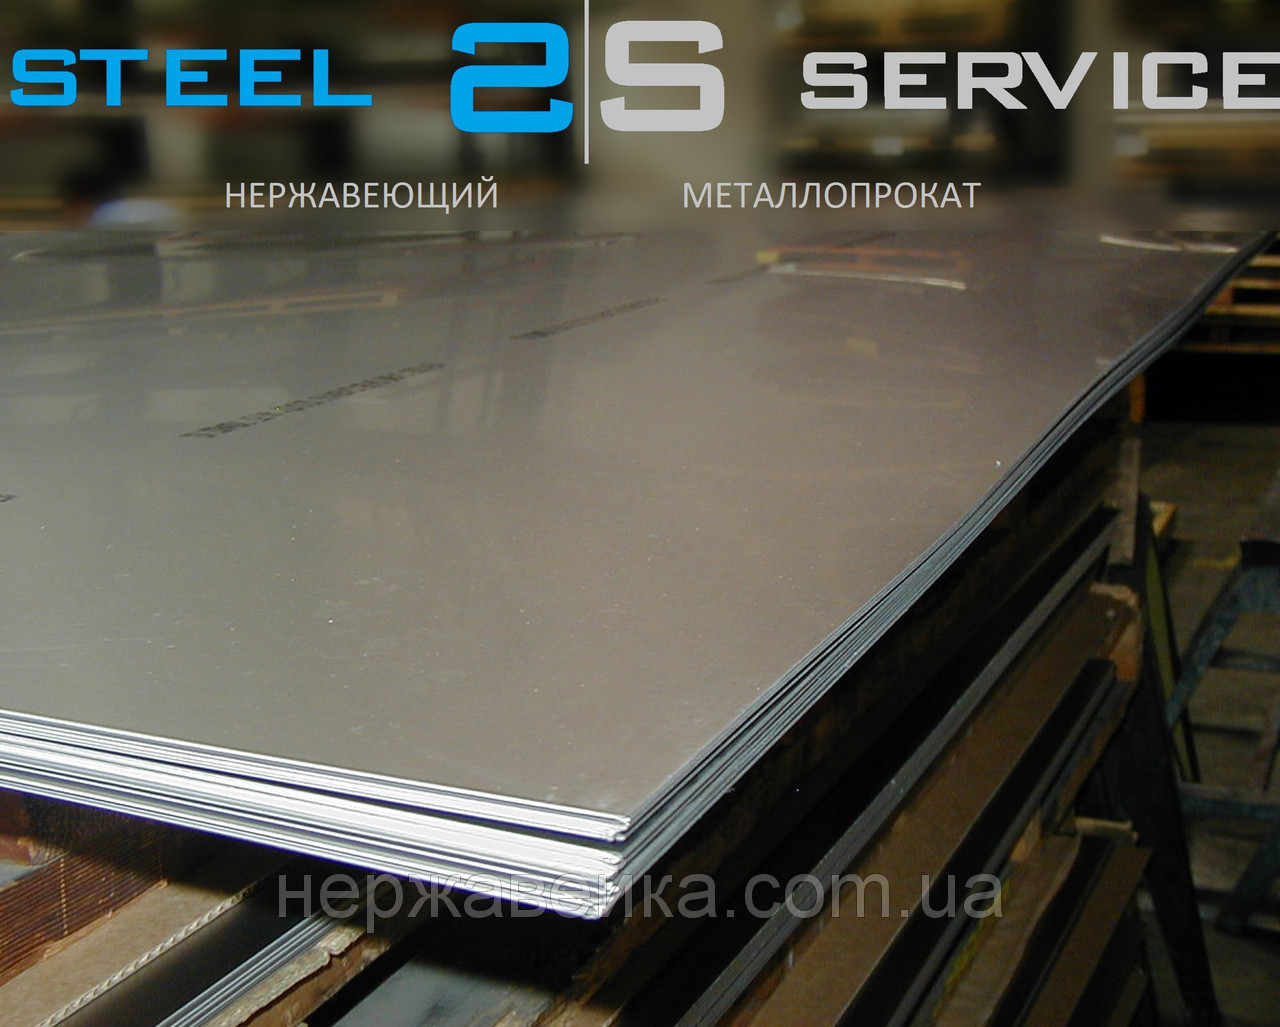 Нержавеющий лист 50х1000х2000мм AISI 321(08Х18Н10Т) F1 - горячекатанный, пищевой